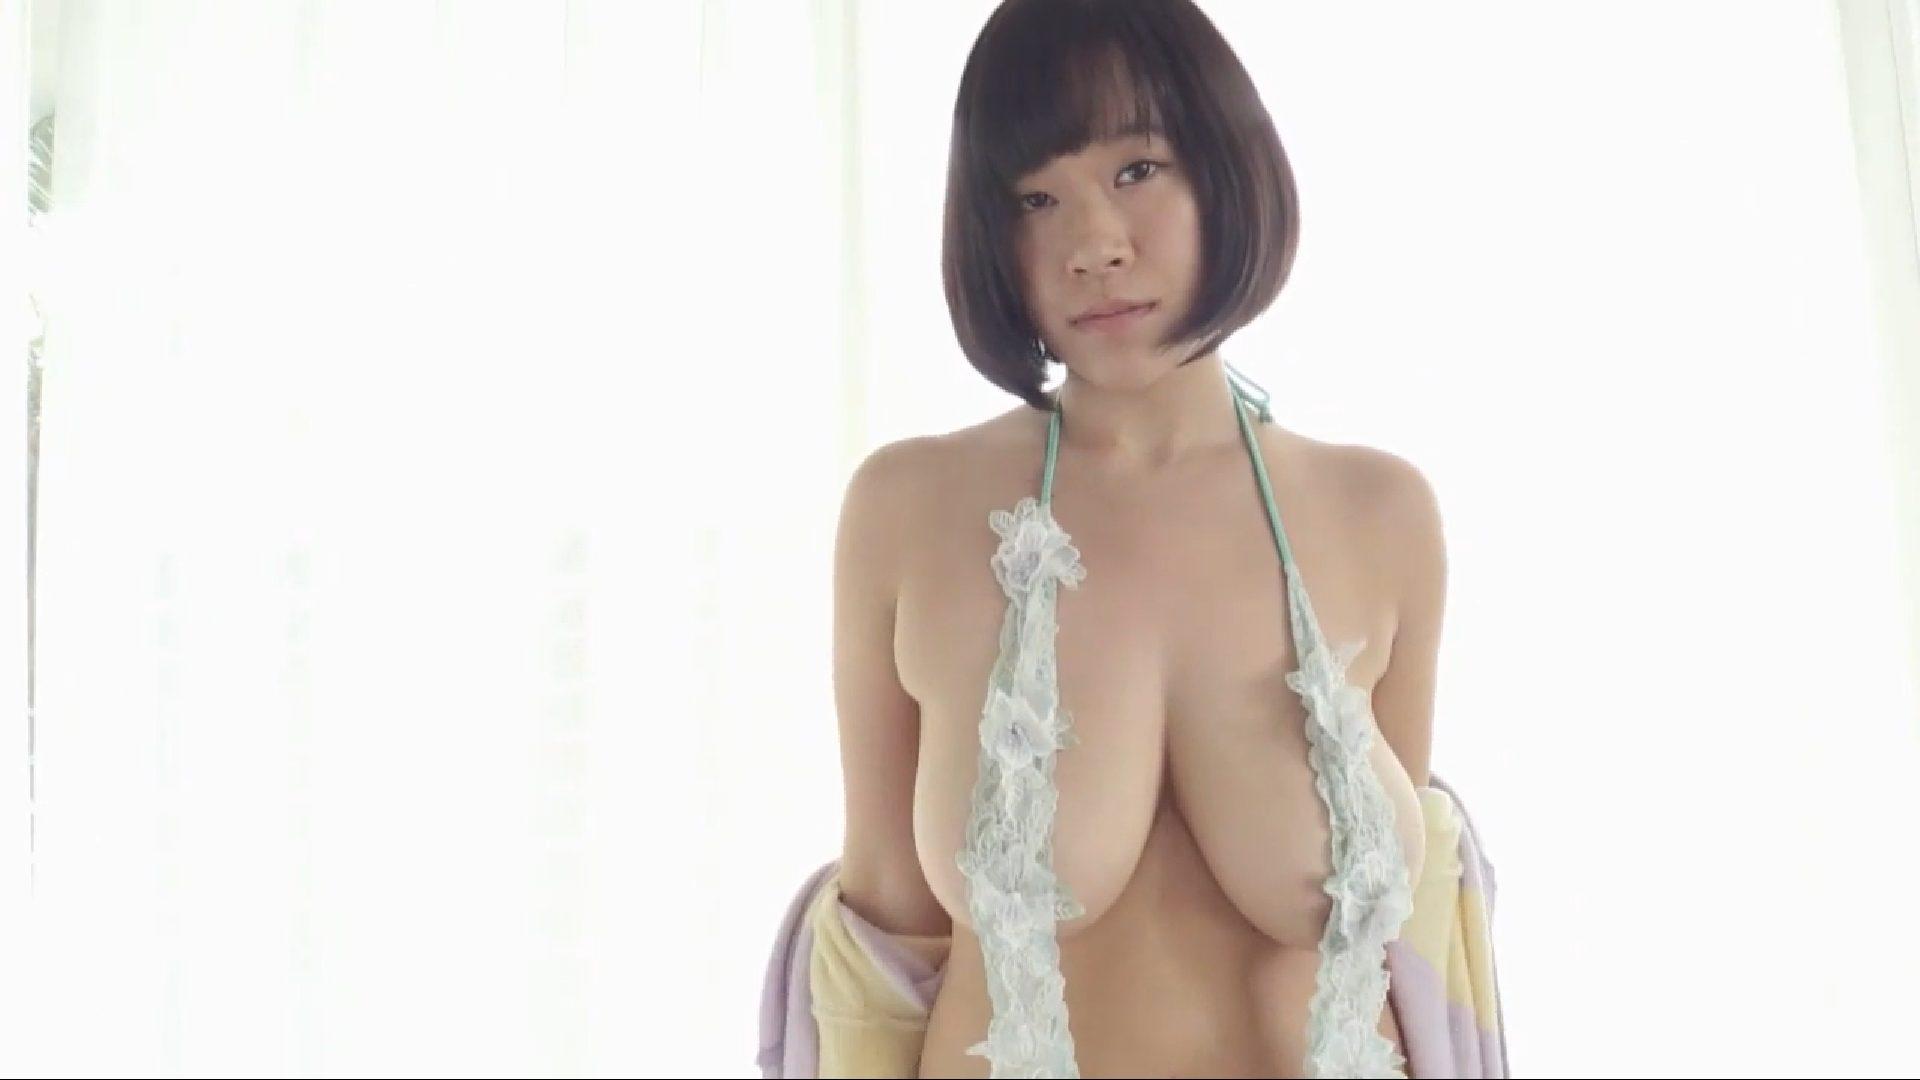 【日比谷亜美】Iカップ3 おっぱい激揺れ!しかも揉まれまくってしまう!